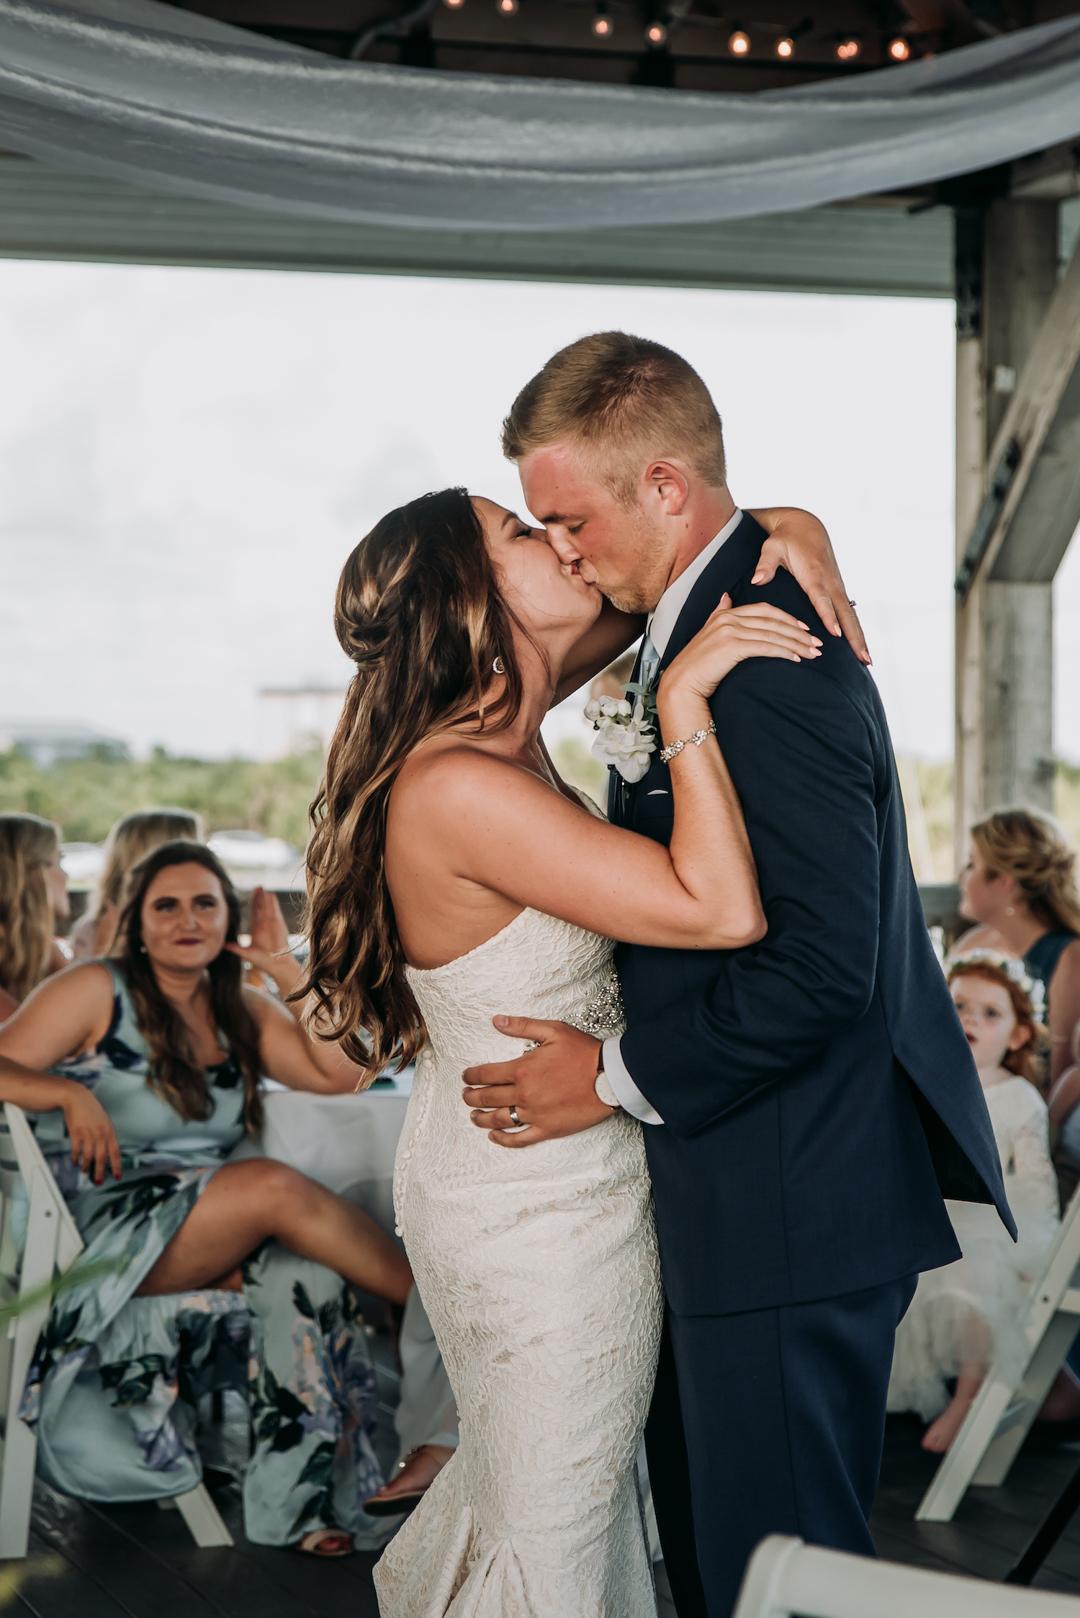 honeymoon-island-wedding-anastasia-noel-127.jpg